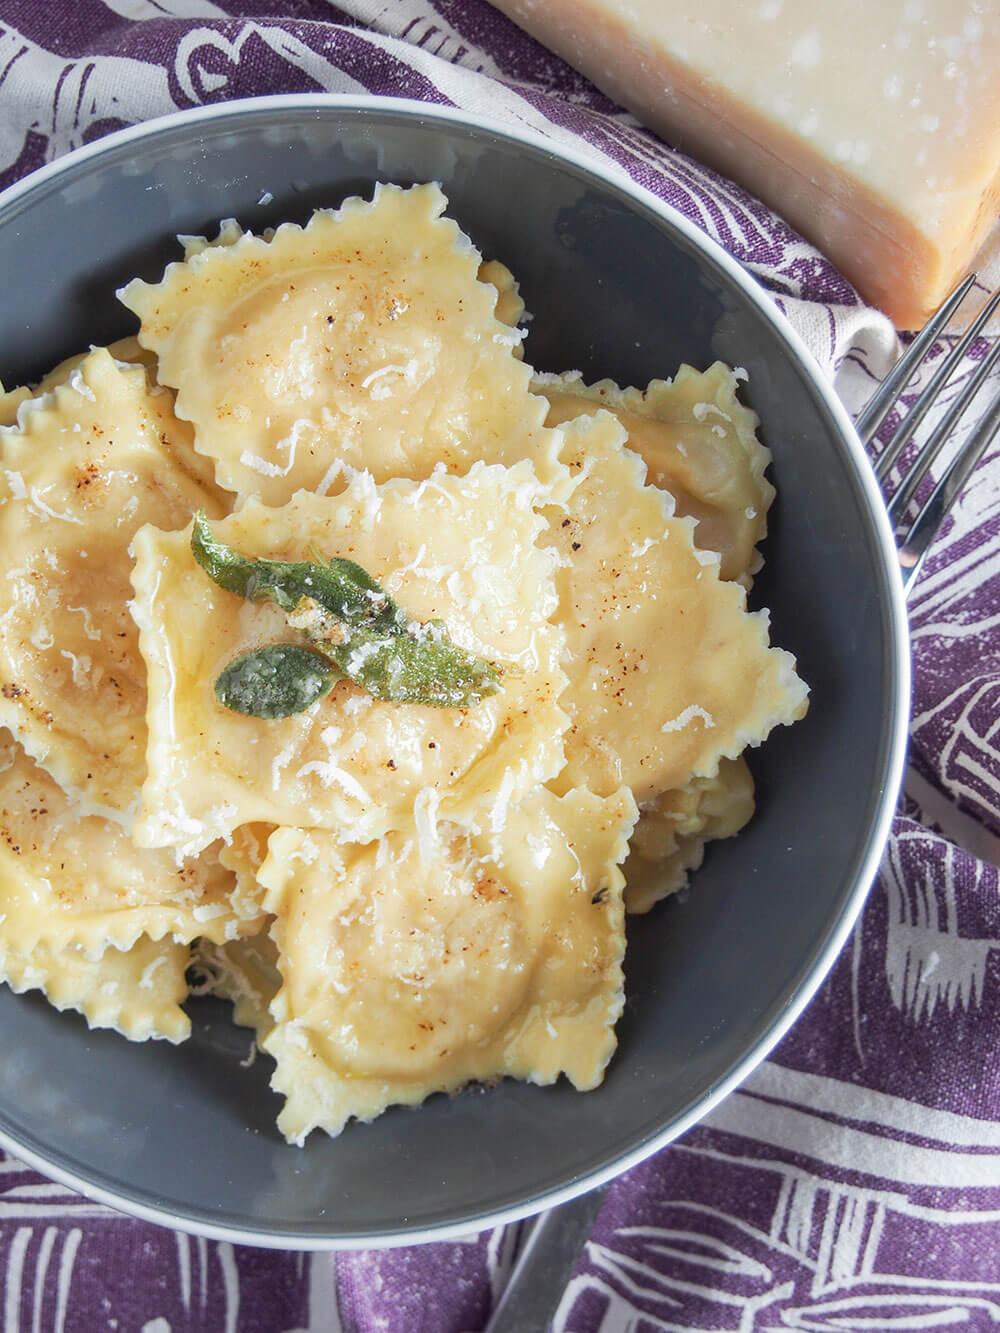 pumpkin ravioli tortelli di zucca from overhead